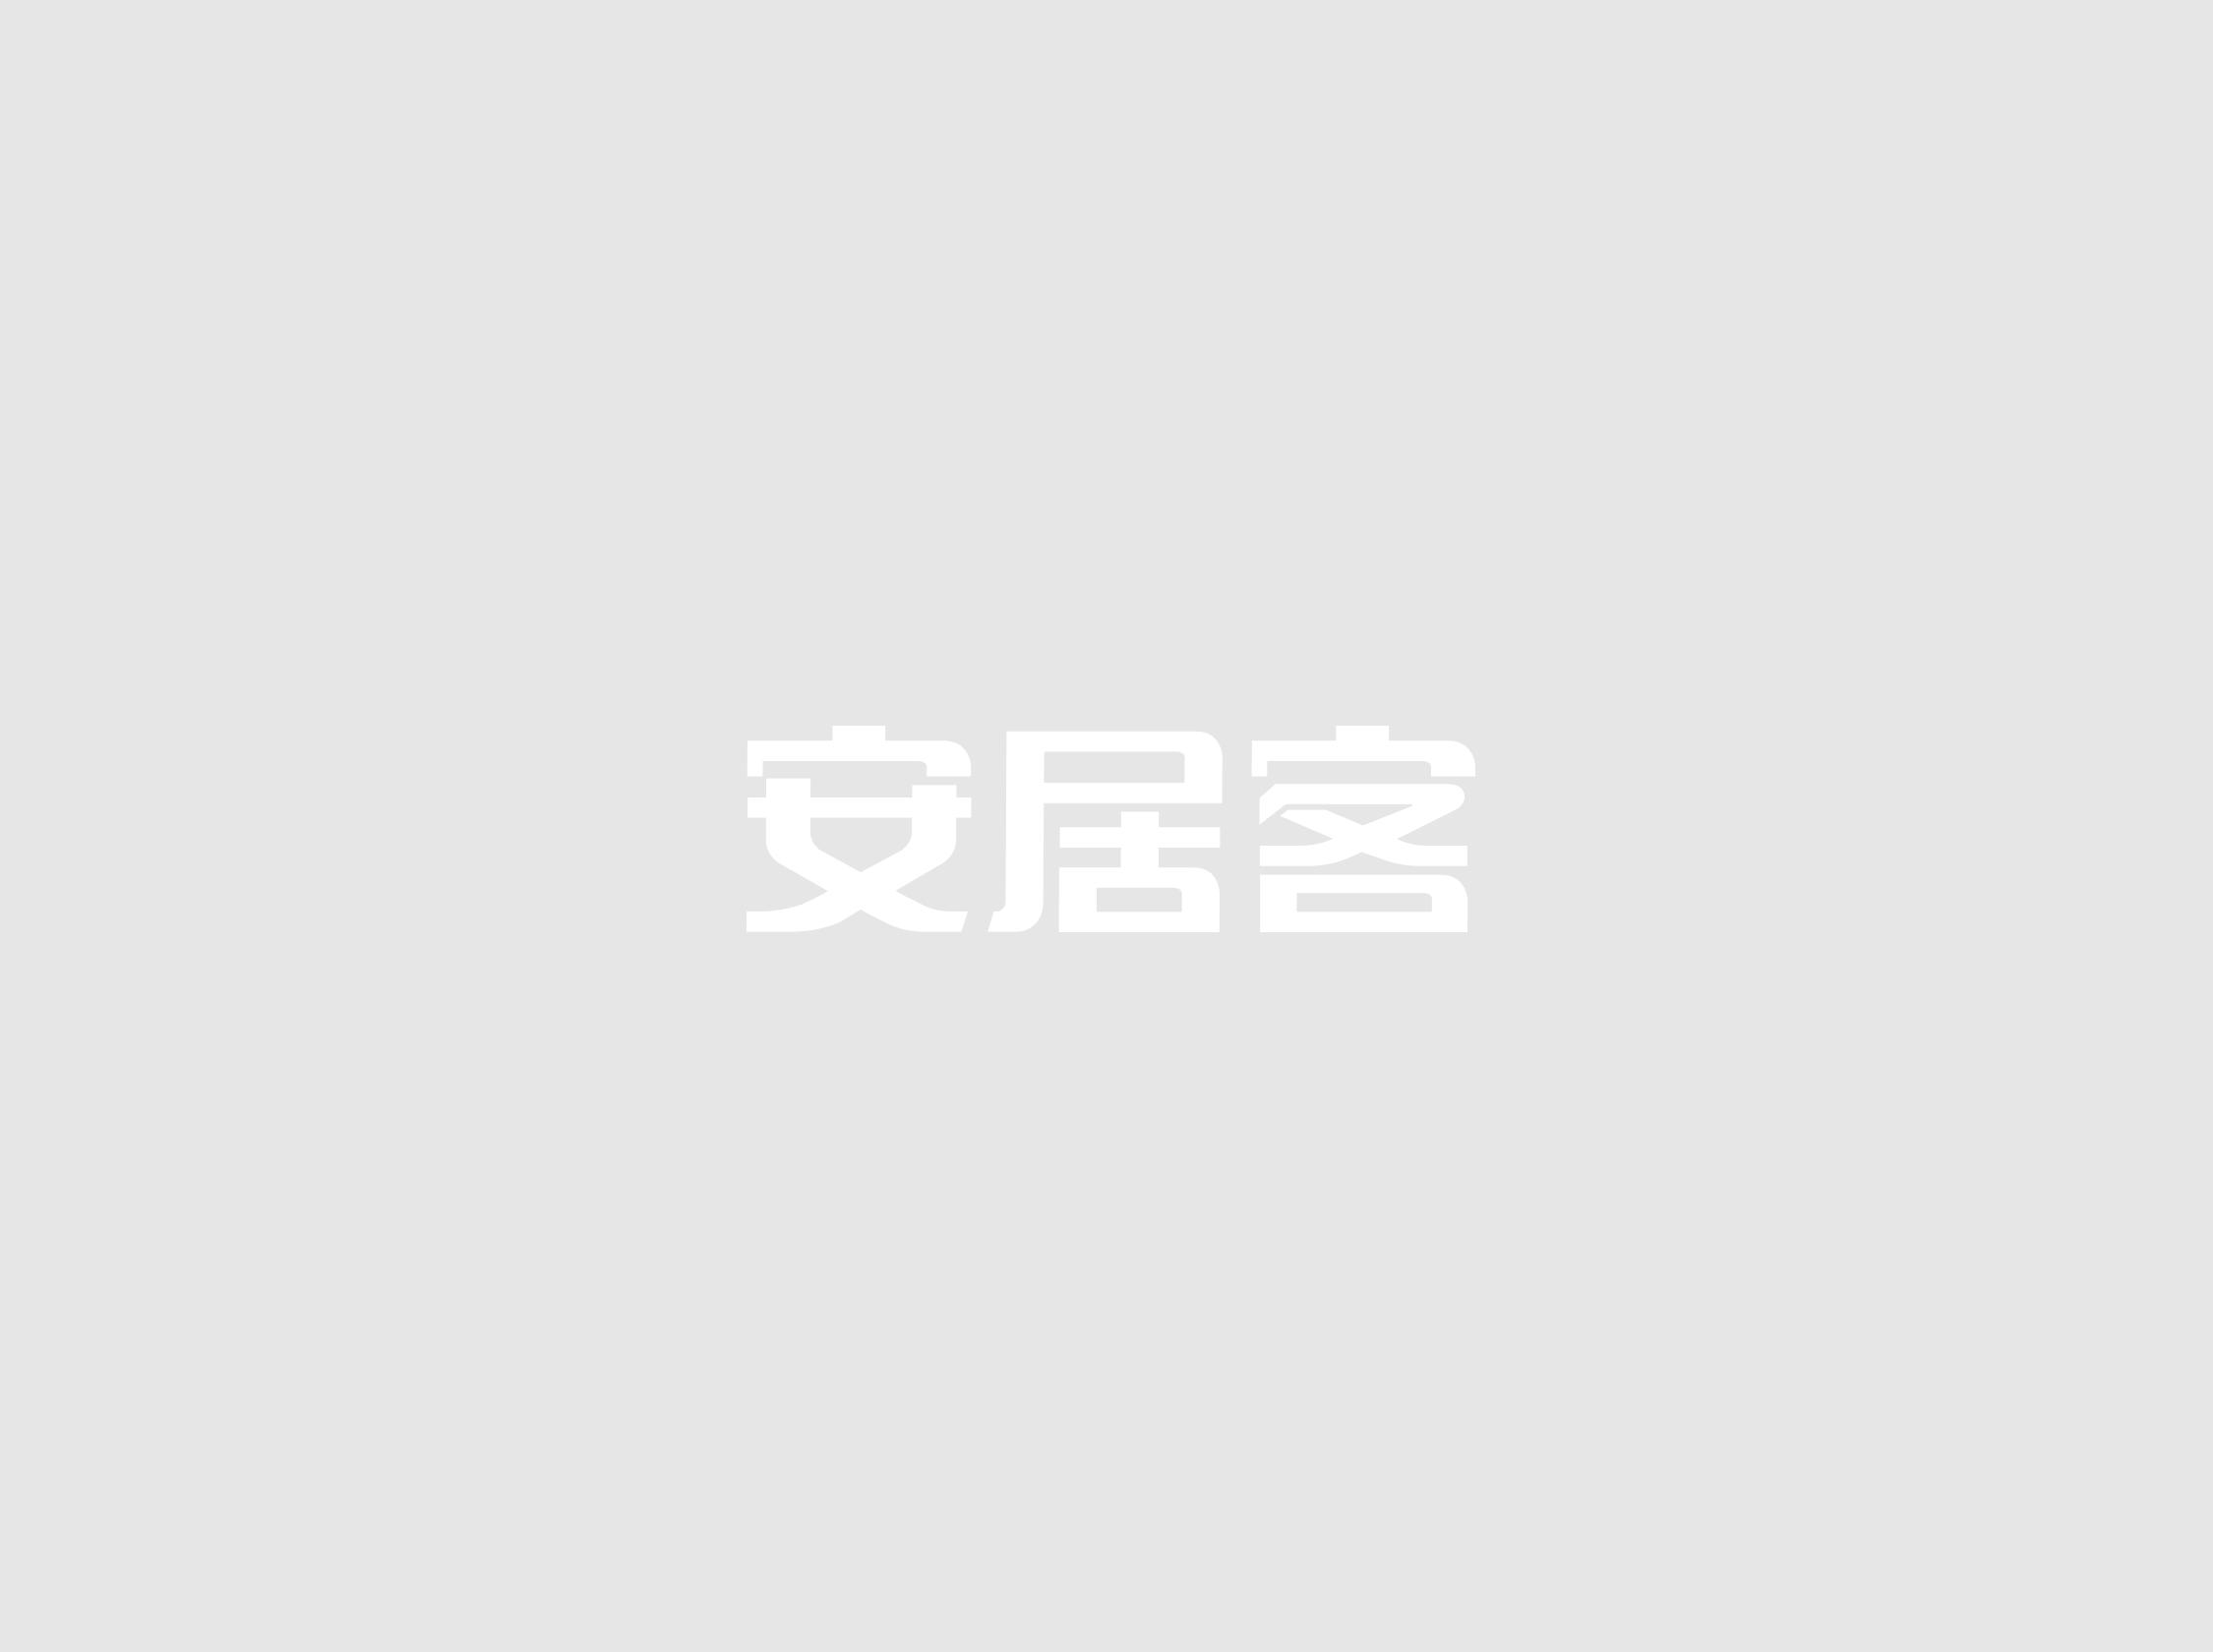 松泉公寓3室1厅60.9㎡411万二手房图片